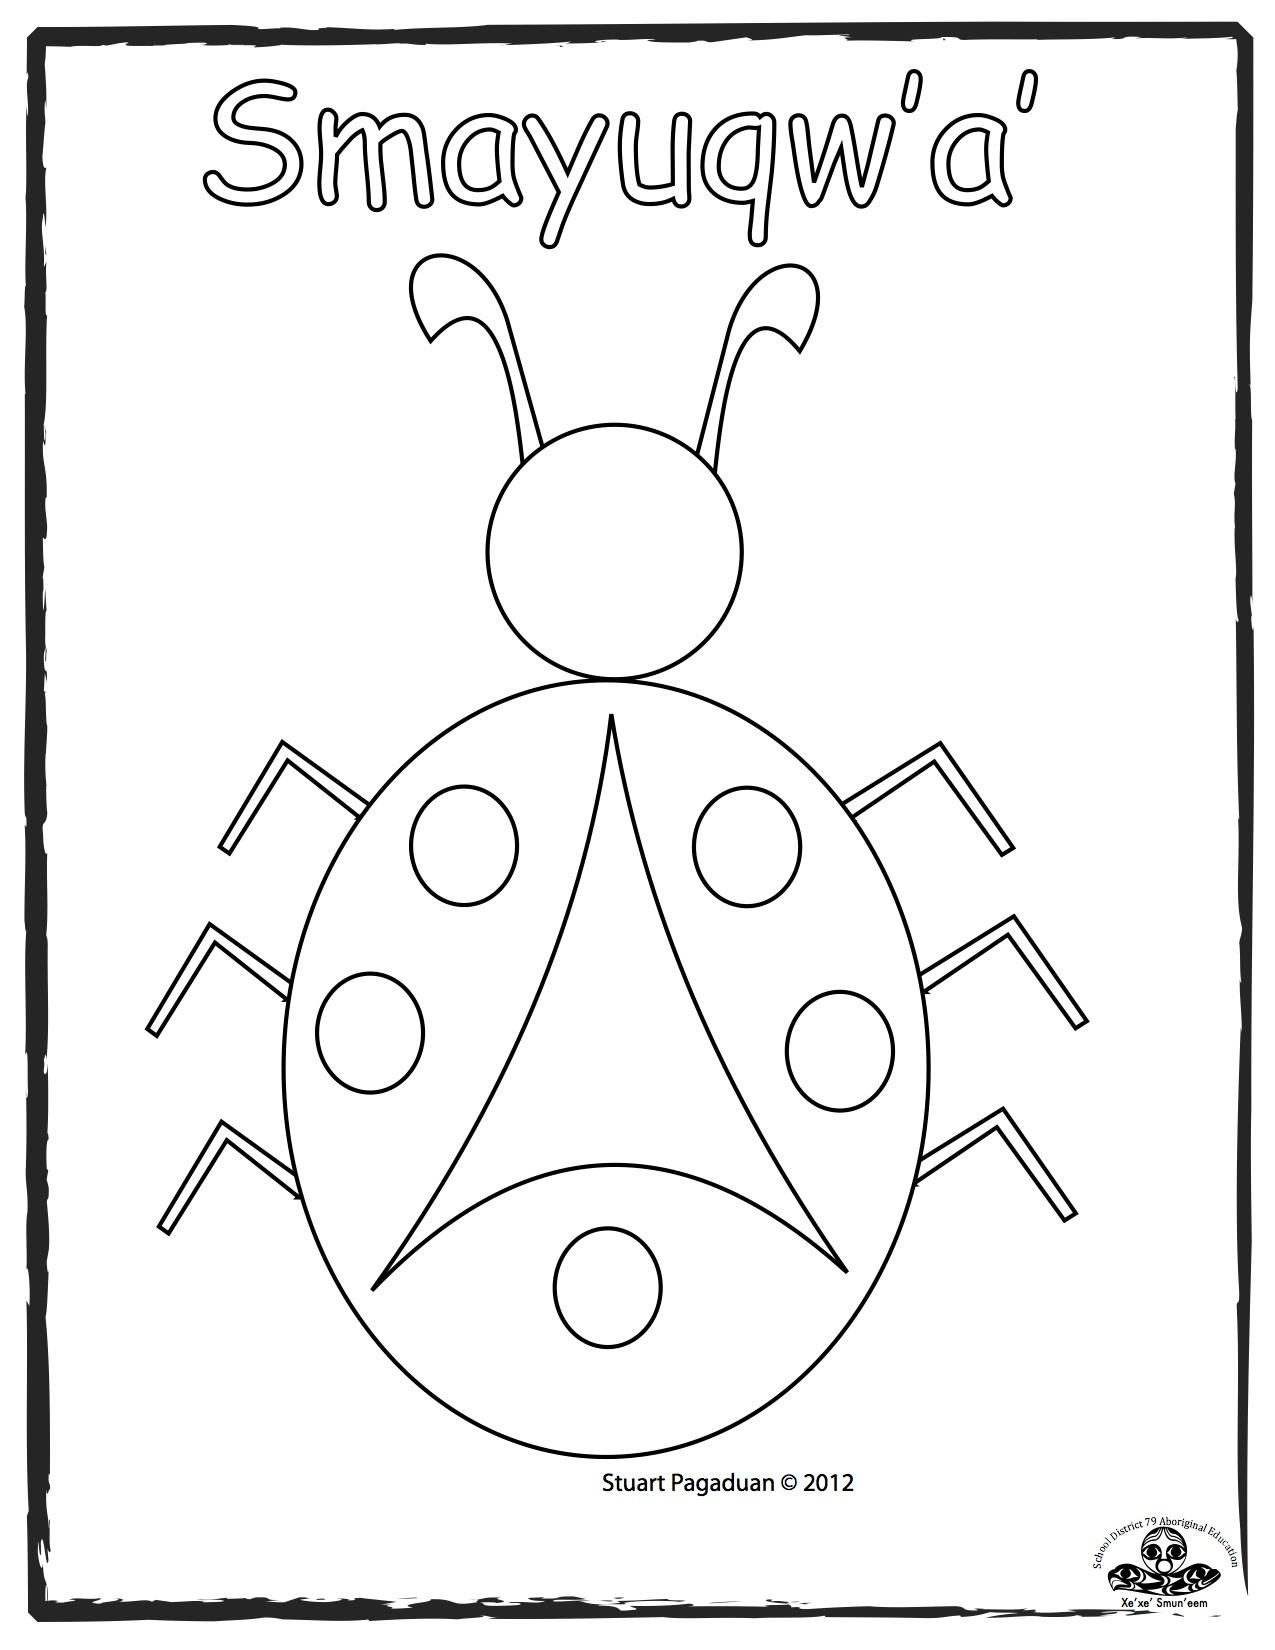 ladybug-smayuqwa-basic-outline